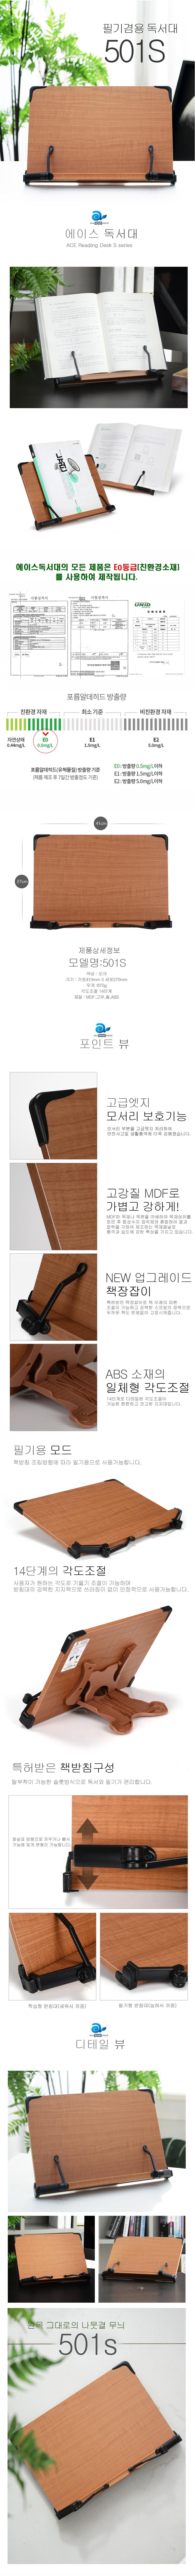 s501 1단 독서대(오크) - 에이스독서대, 13,500원, 독서용품, 독서대